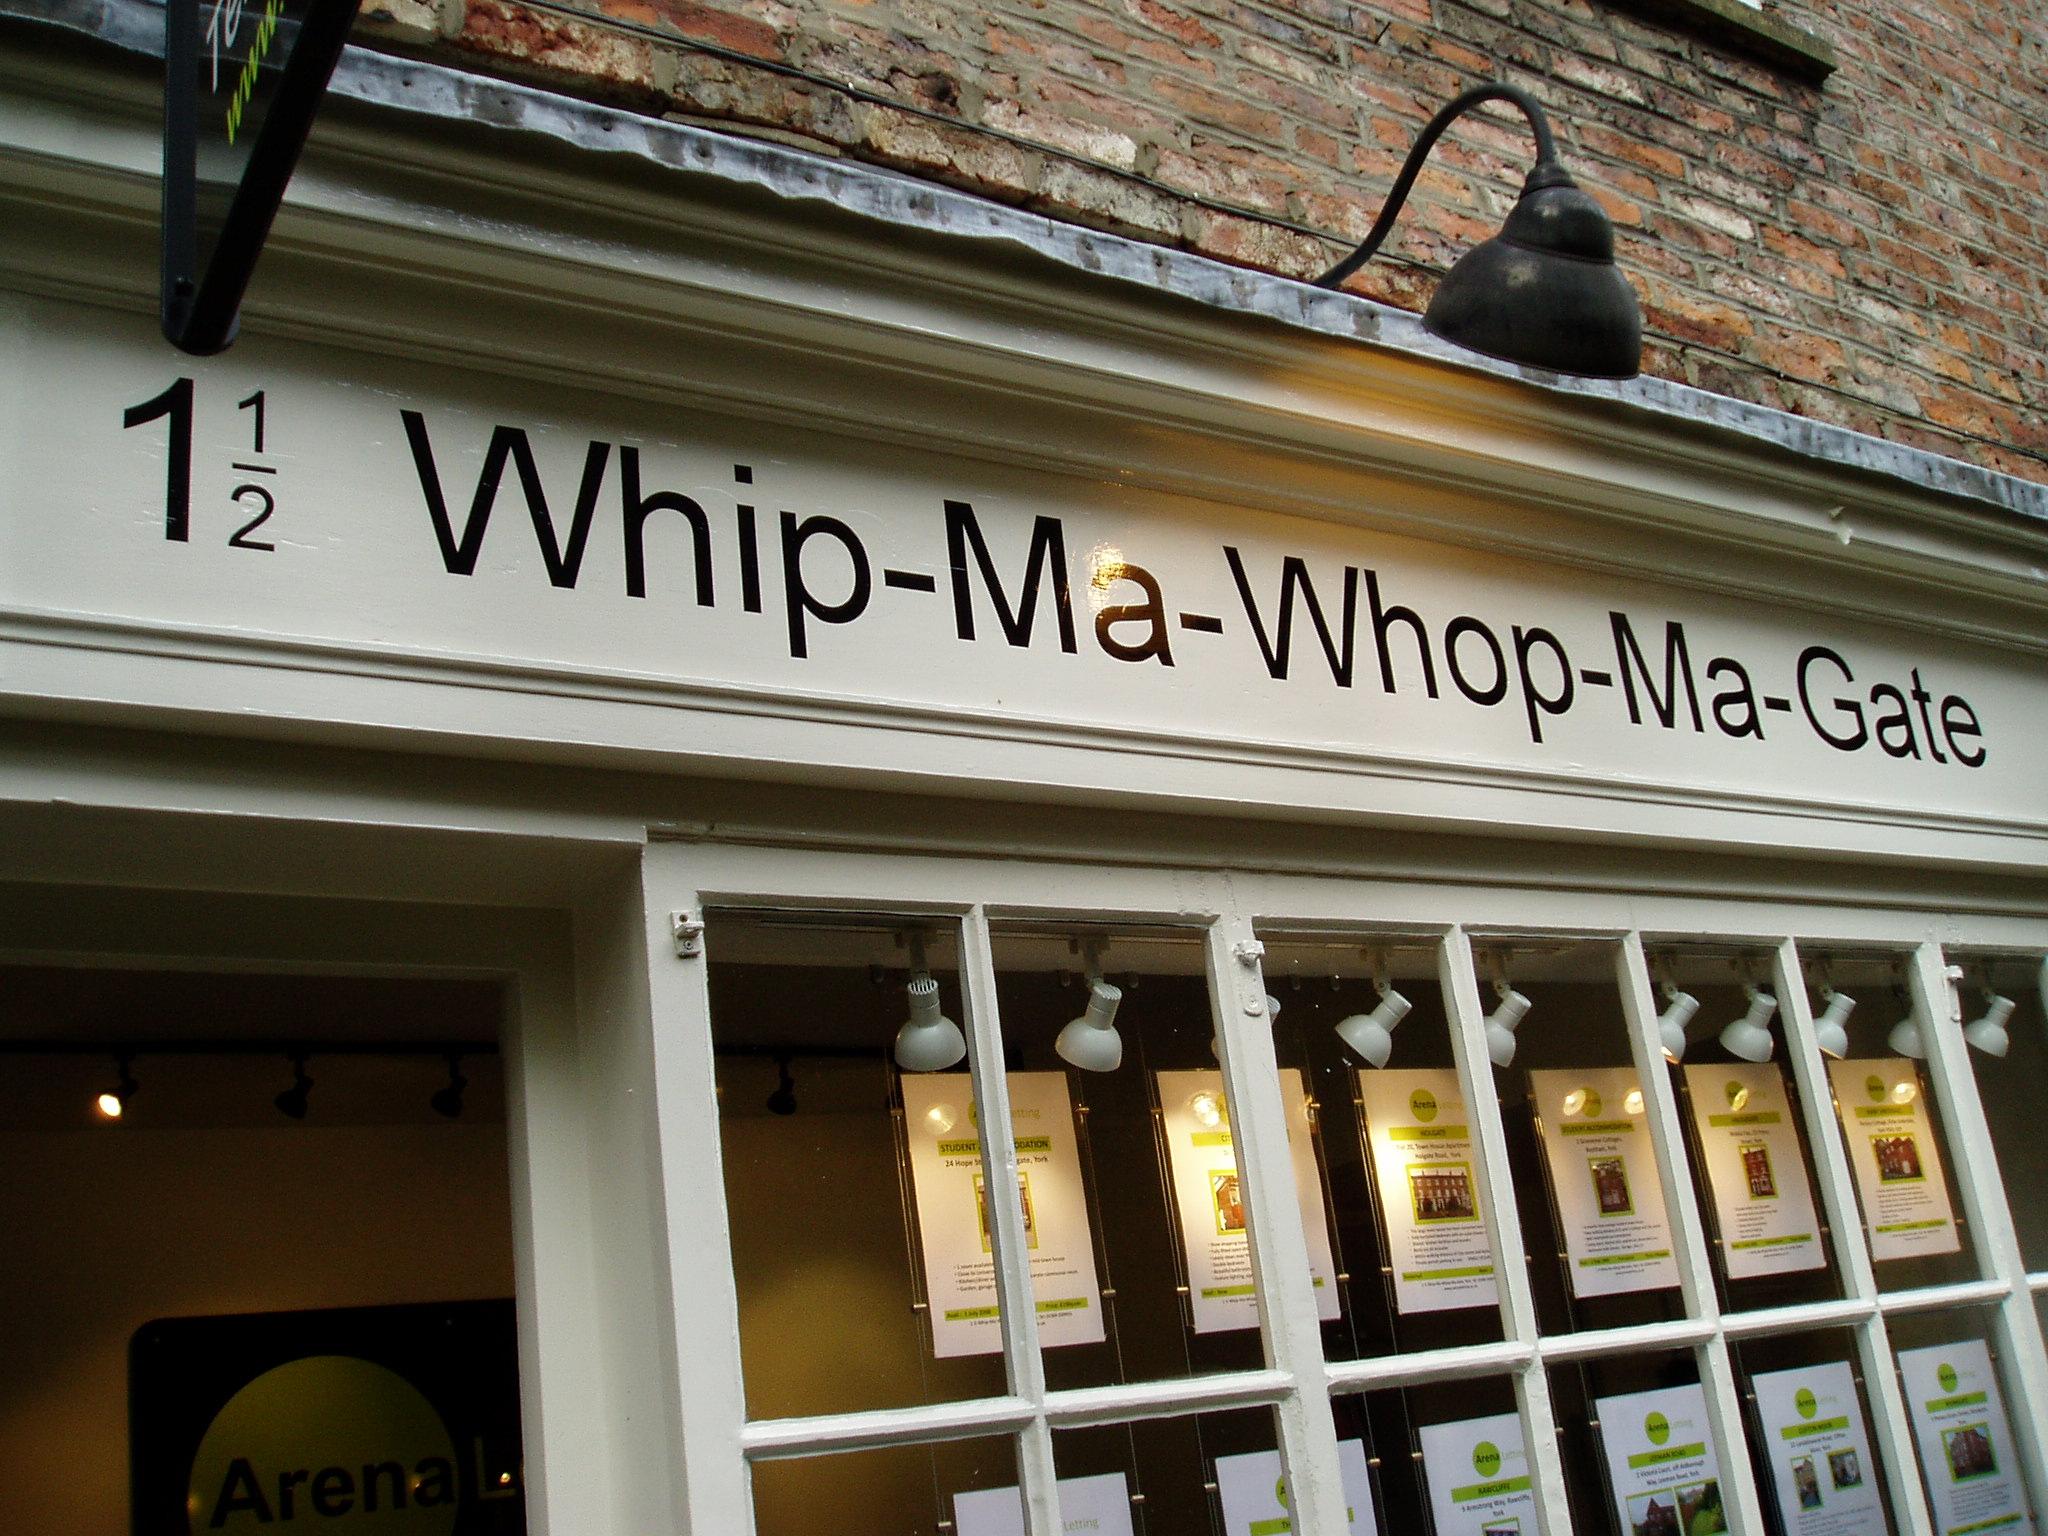 Hus nummer halvanden i Whip-Ma-Whop-Ma-Gate ...